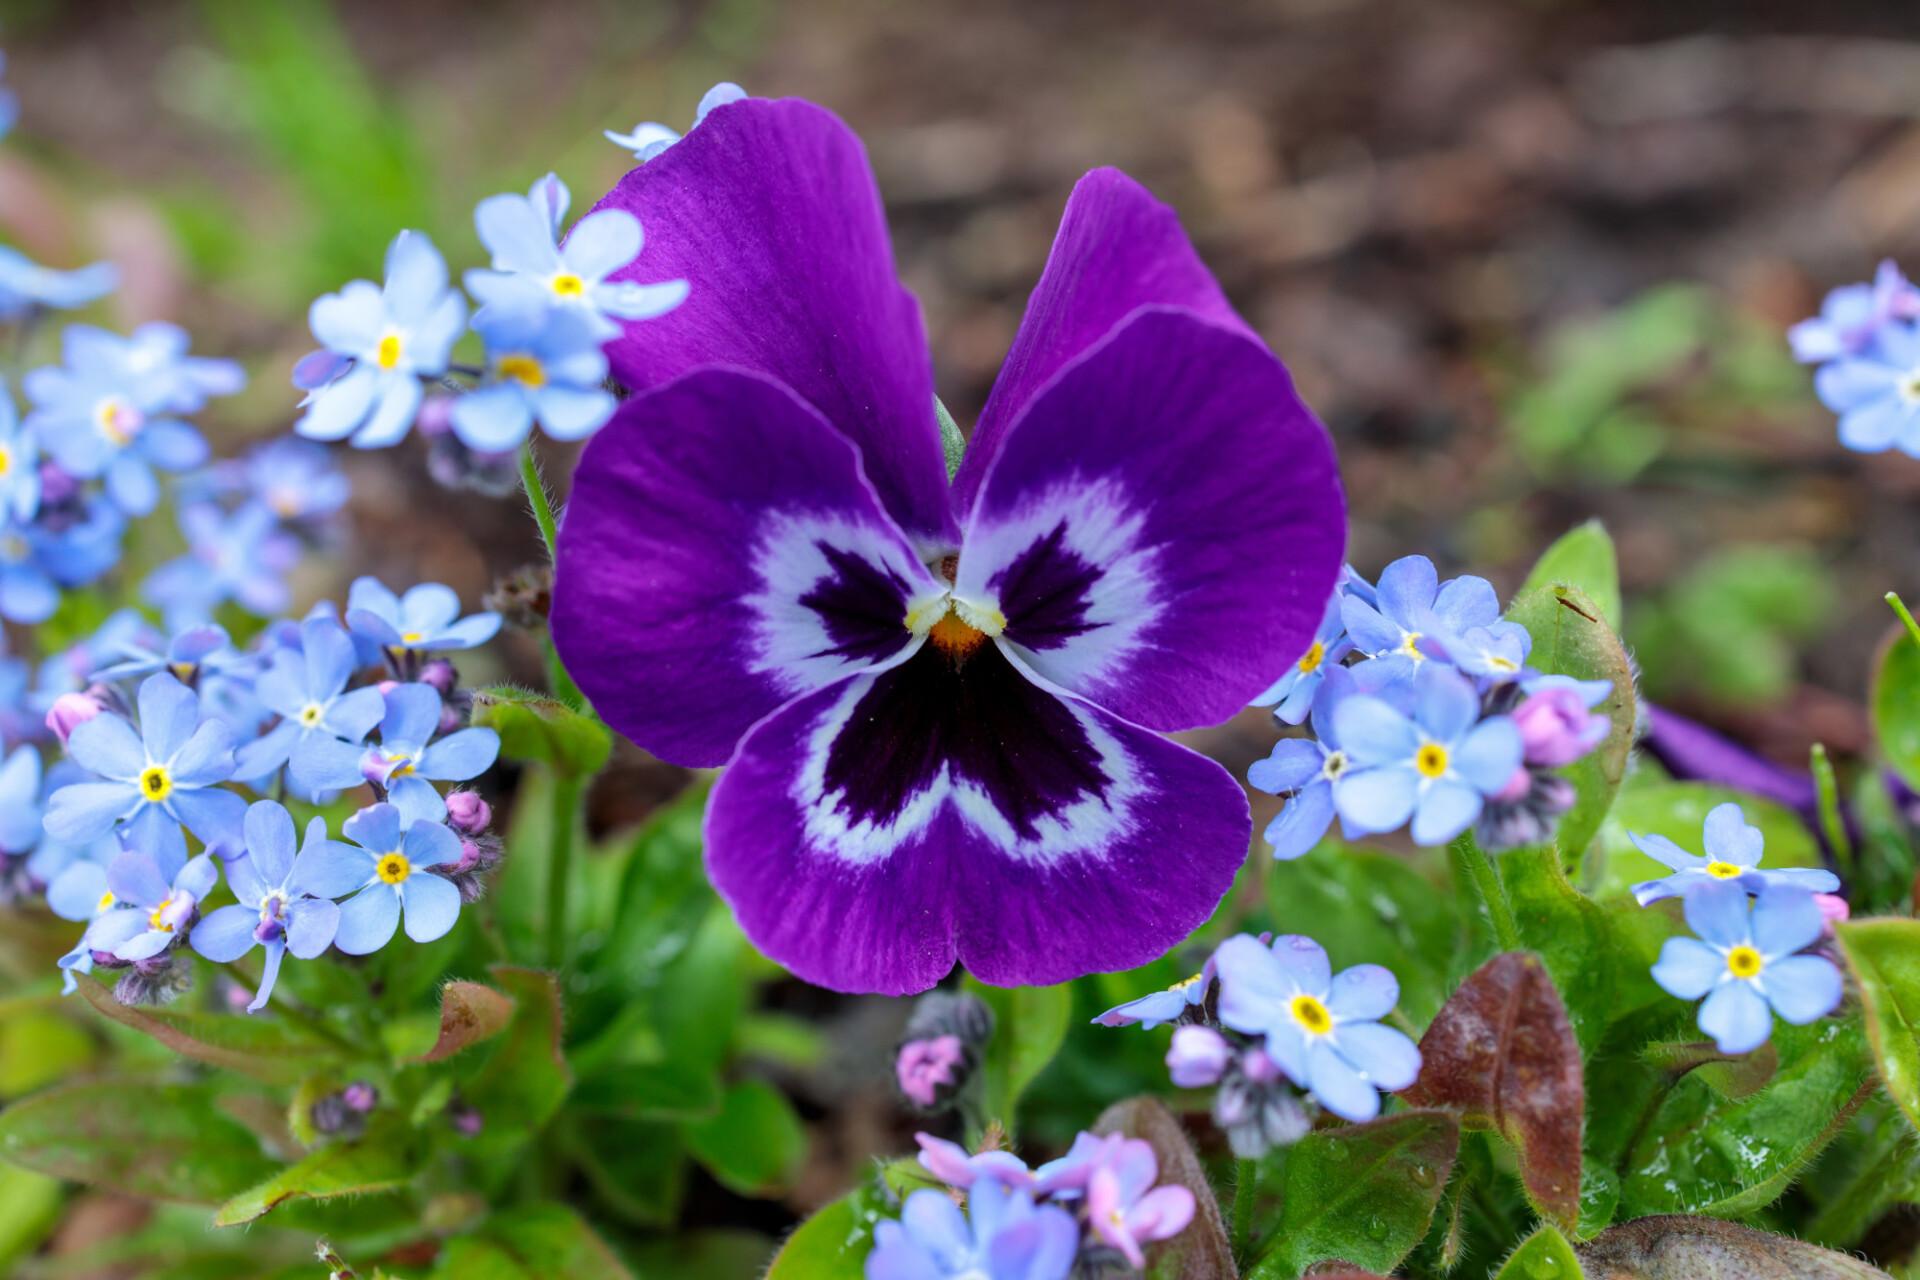 Purple pansies between forget-me-nots